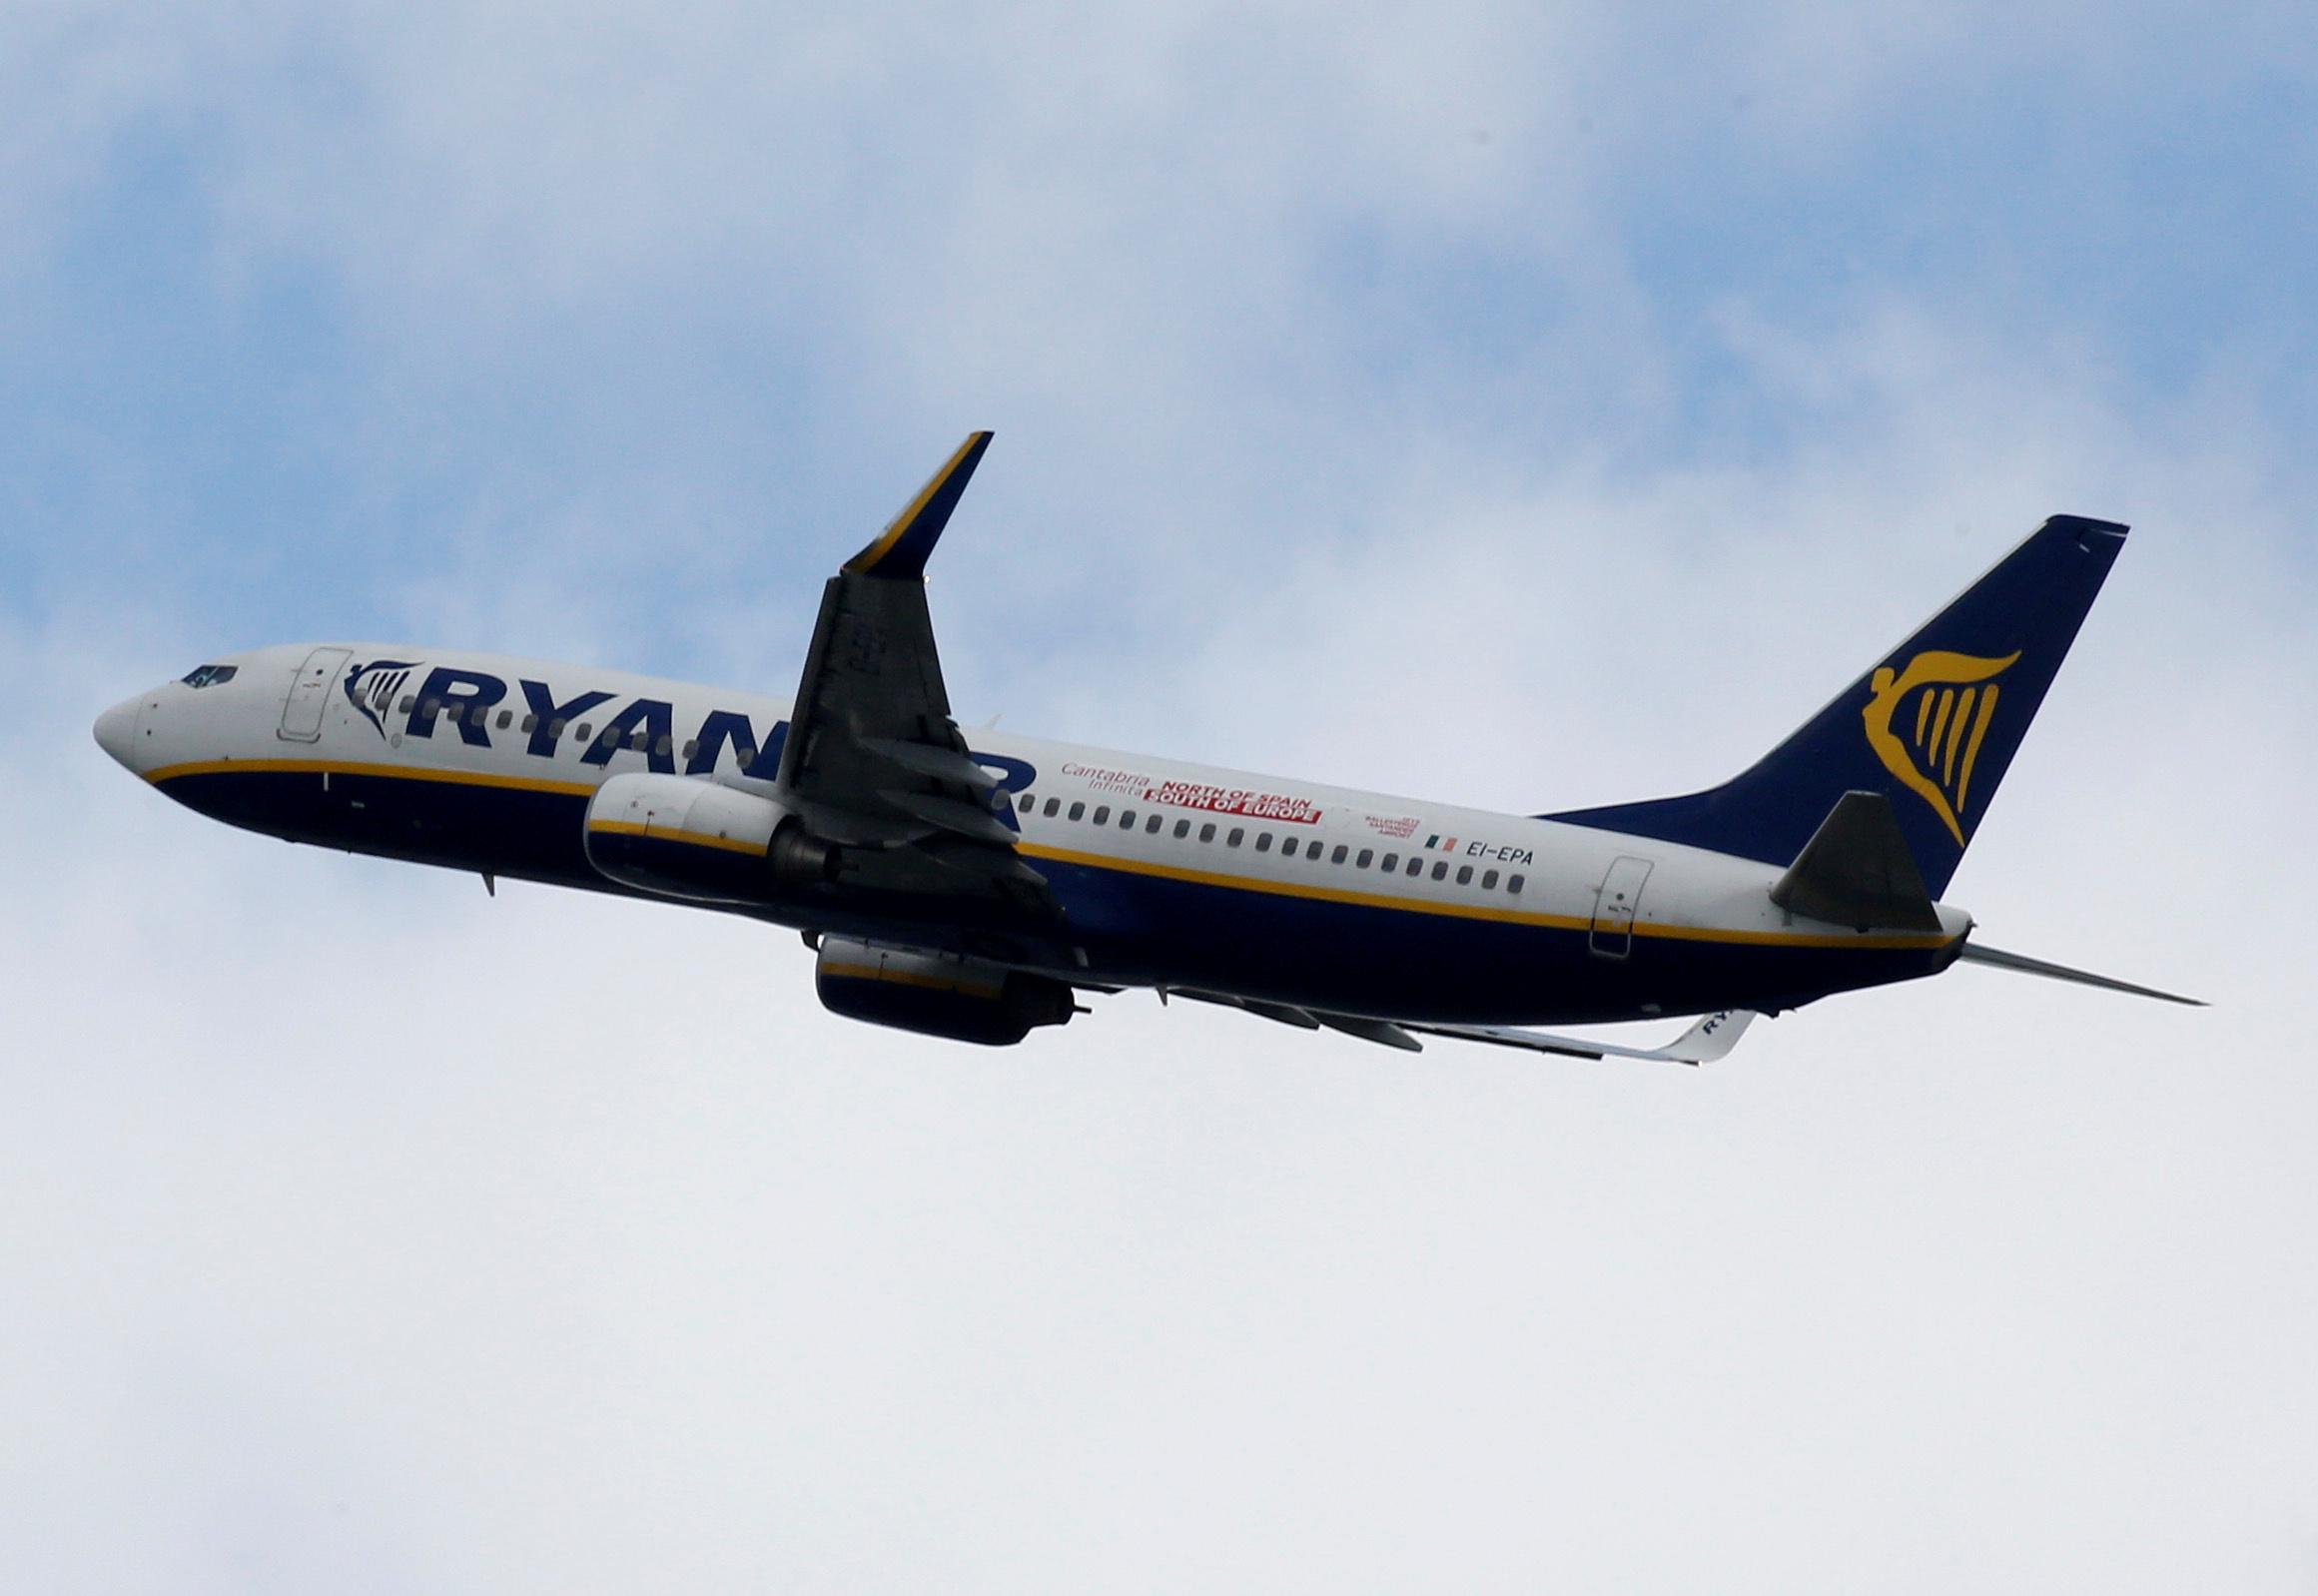 Πτήση Ryanair: Οι πρώτες εικόνες από το αεροσκάφος στο Μινσκ